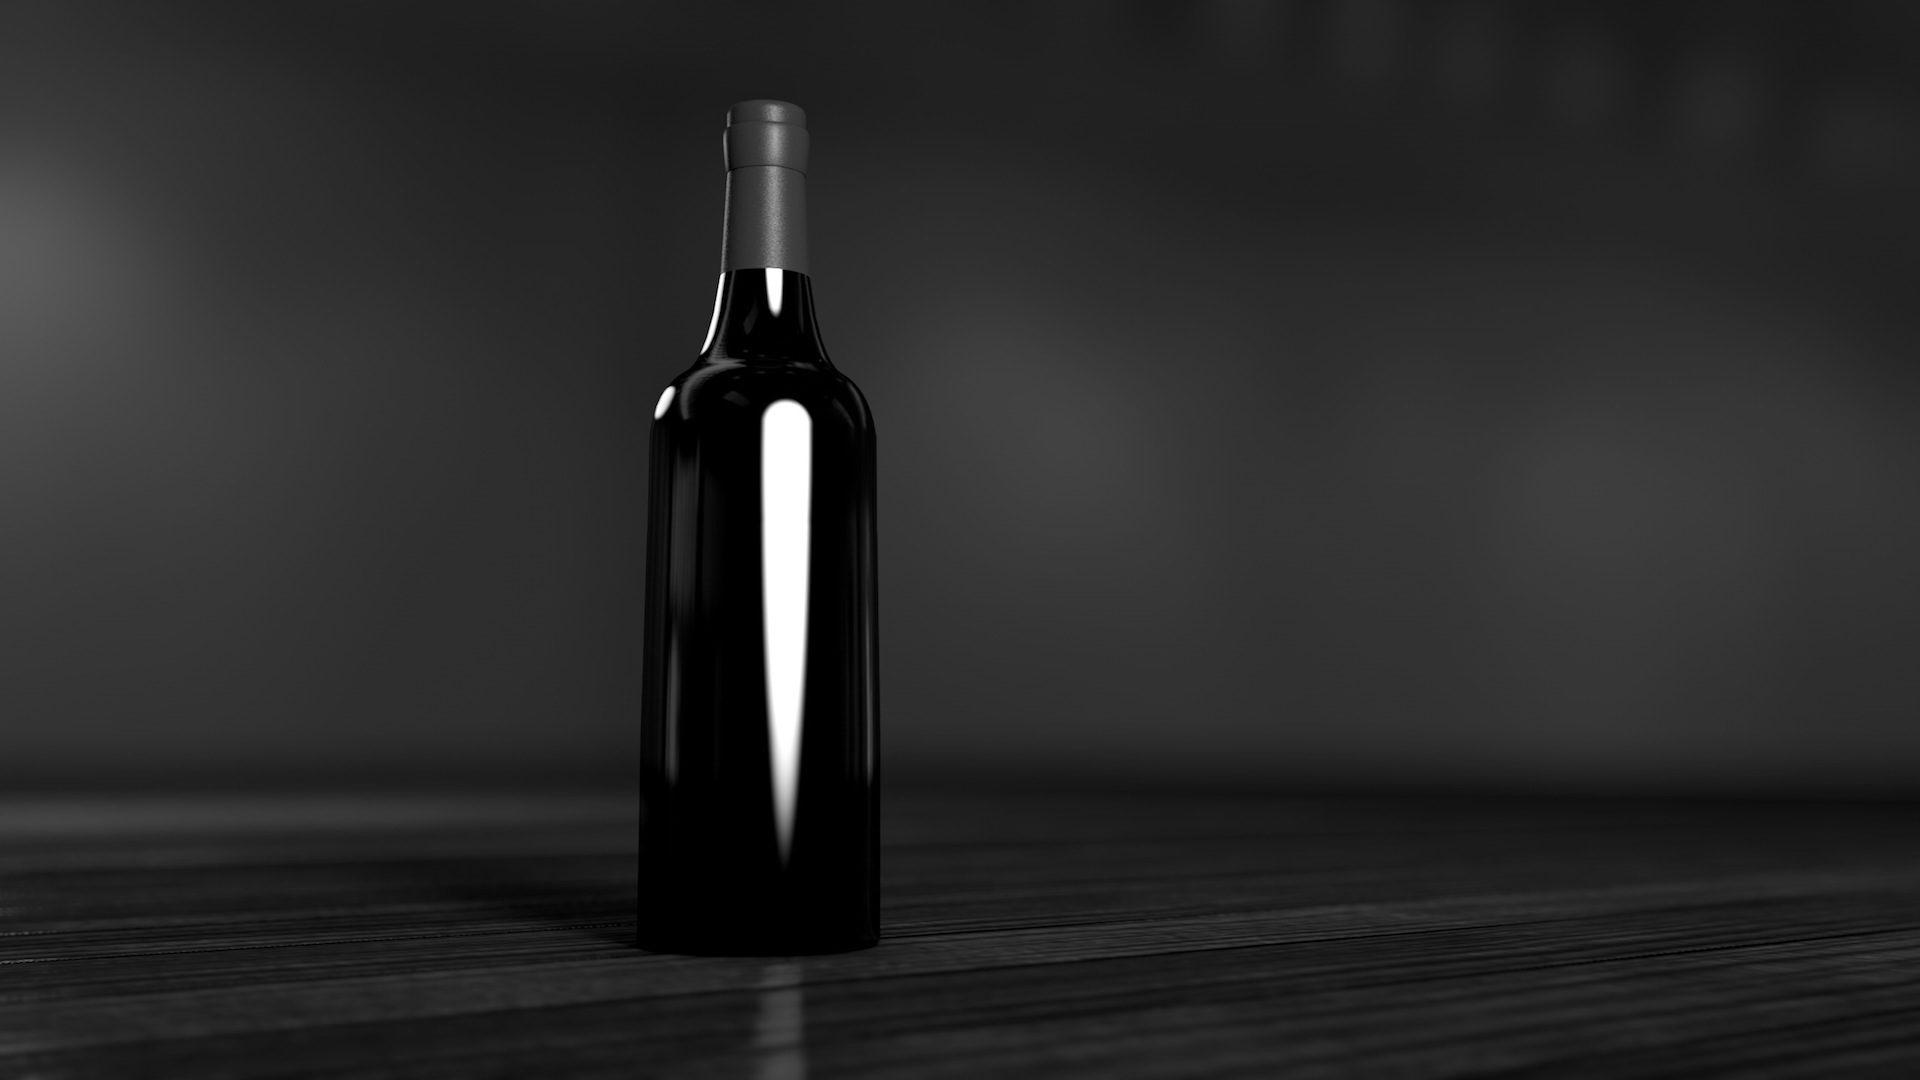 бутылка, Вино, минималистский, Соледад, в черно-белом - Обои HD - Профессор falken.com